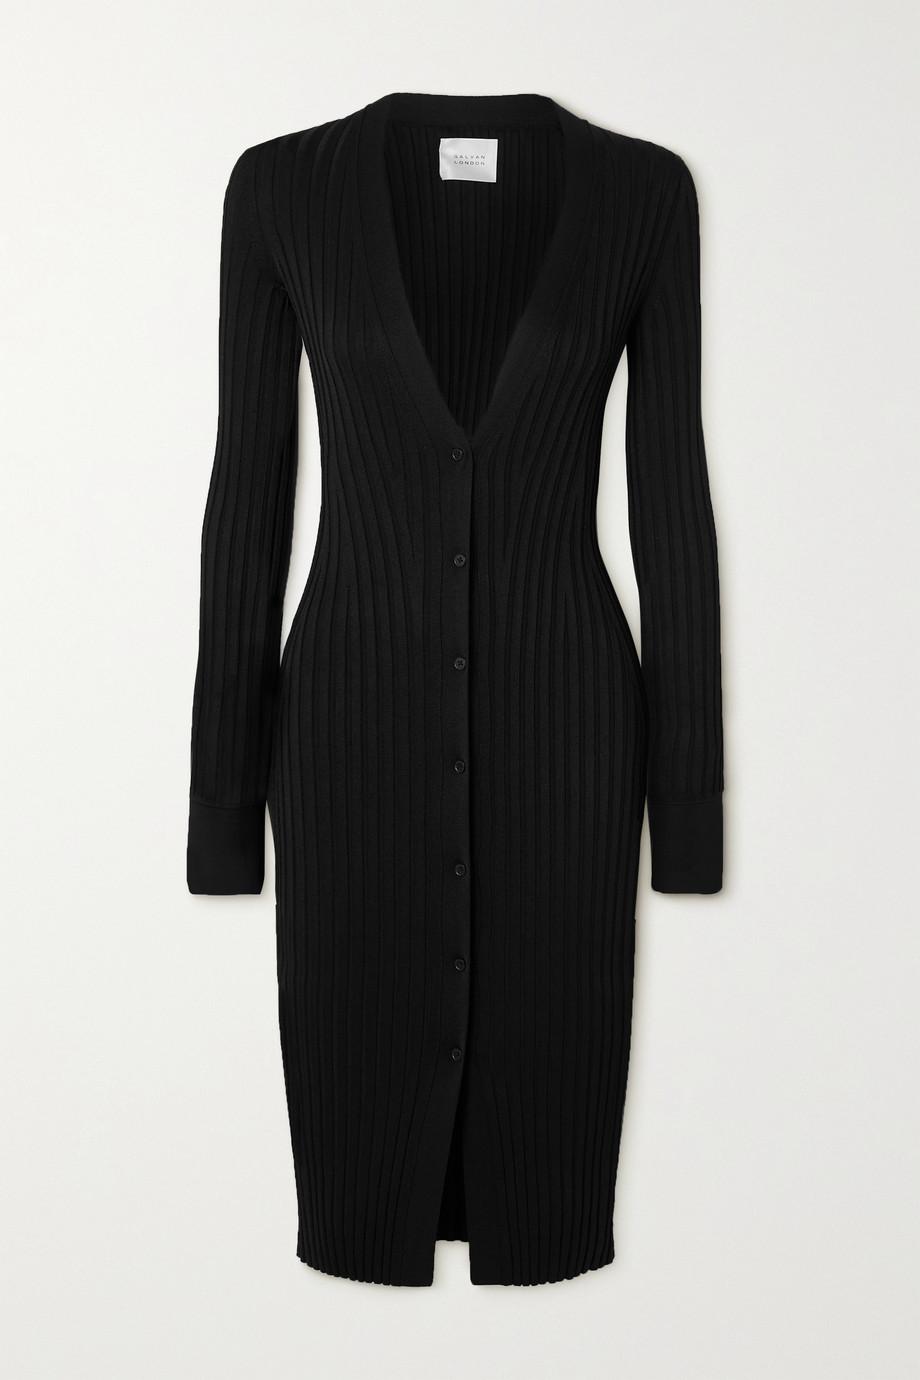 Galvan Rhea ribbed-knit midi dress